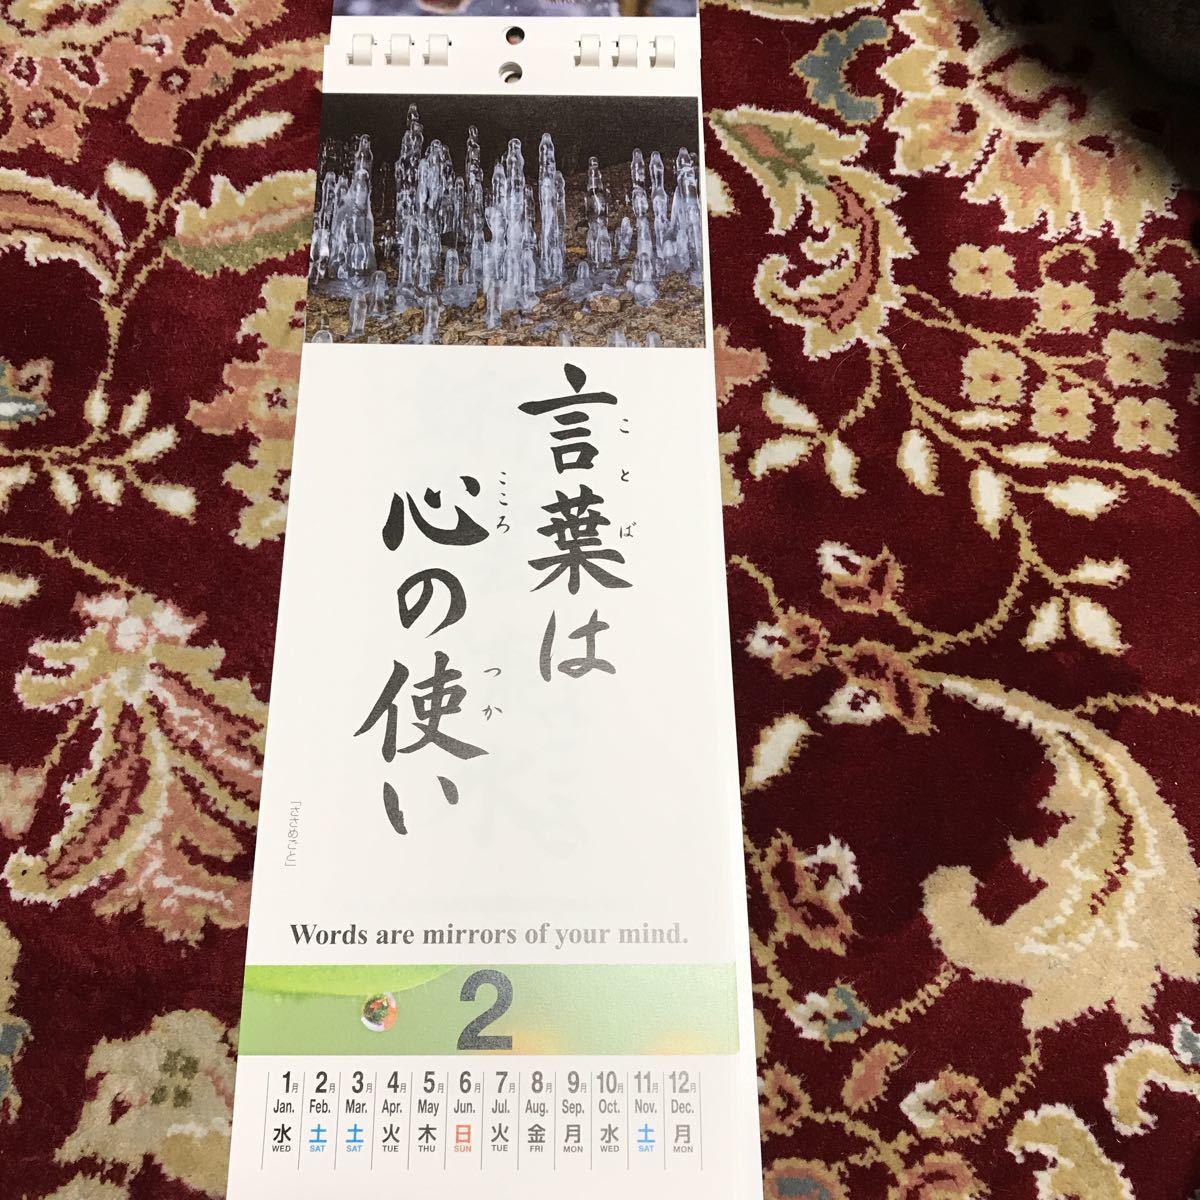 一日一訓カレンダー『正しい念い』ー八正道シリーズ 正念ー_画像2